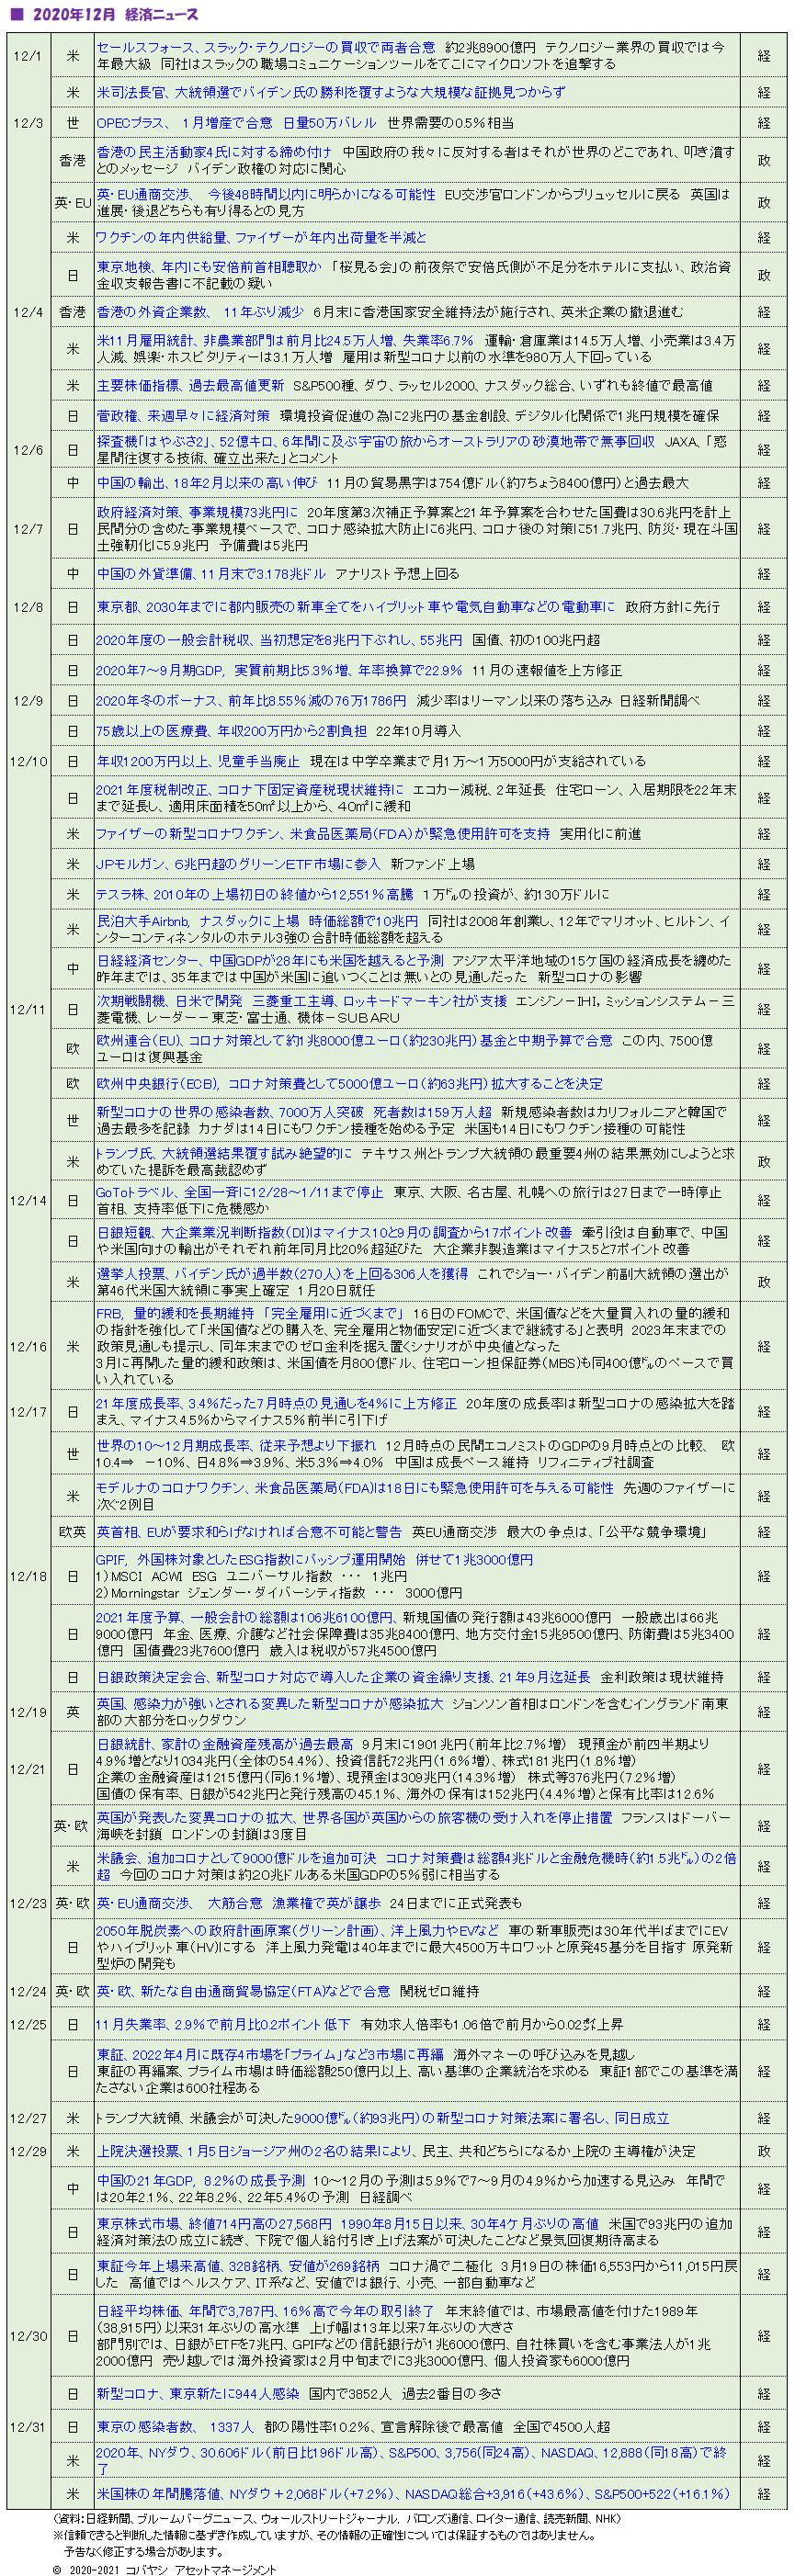 '210101_2012経済ニュース